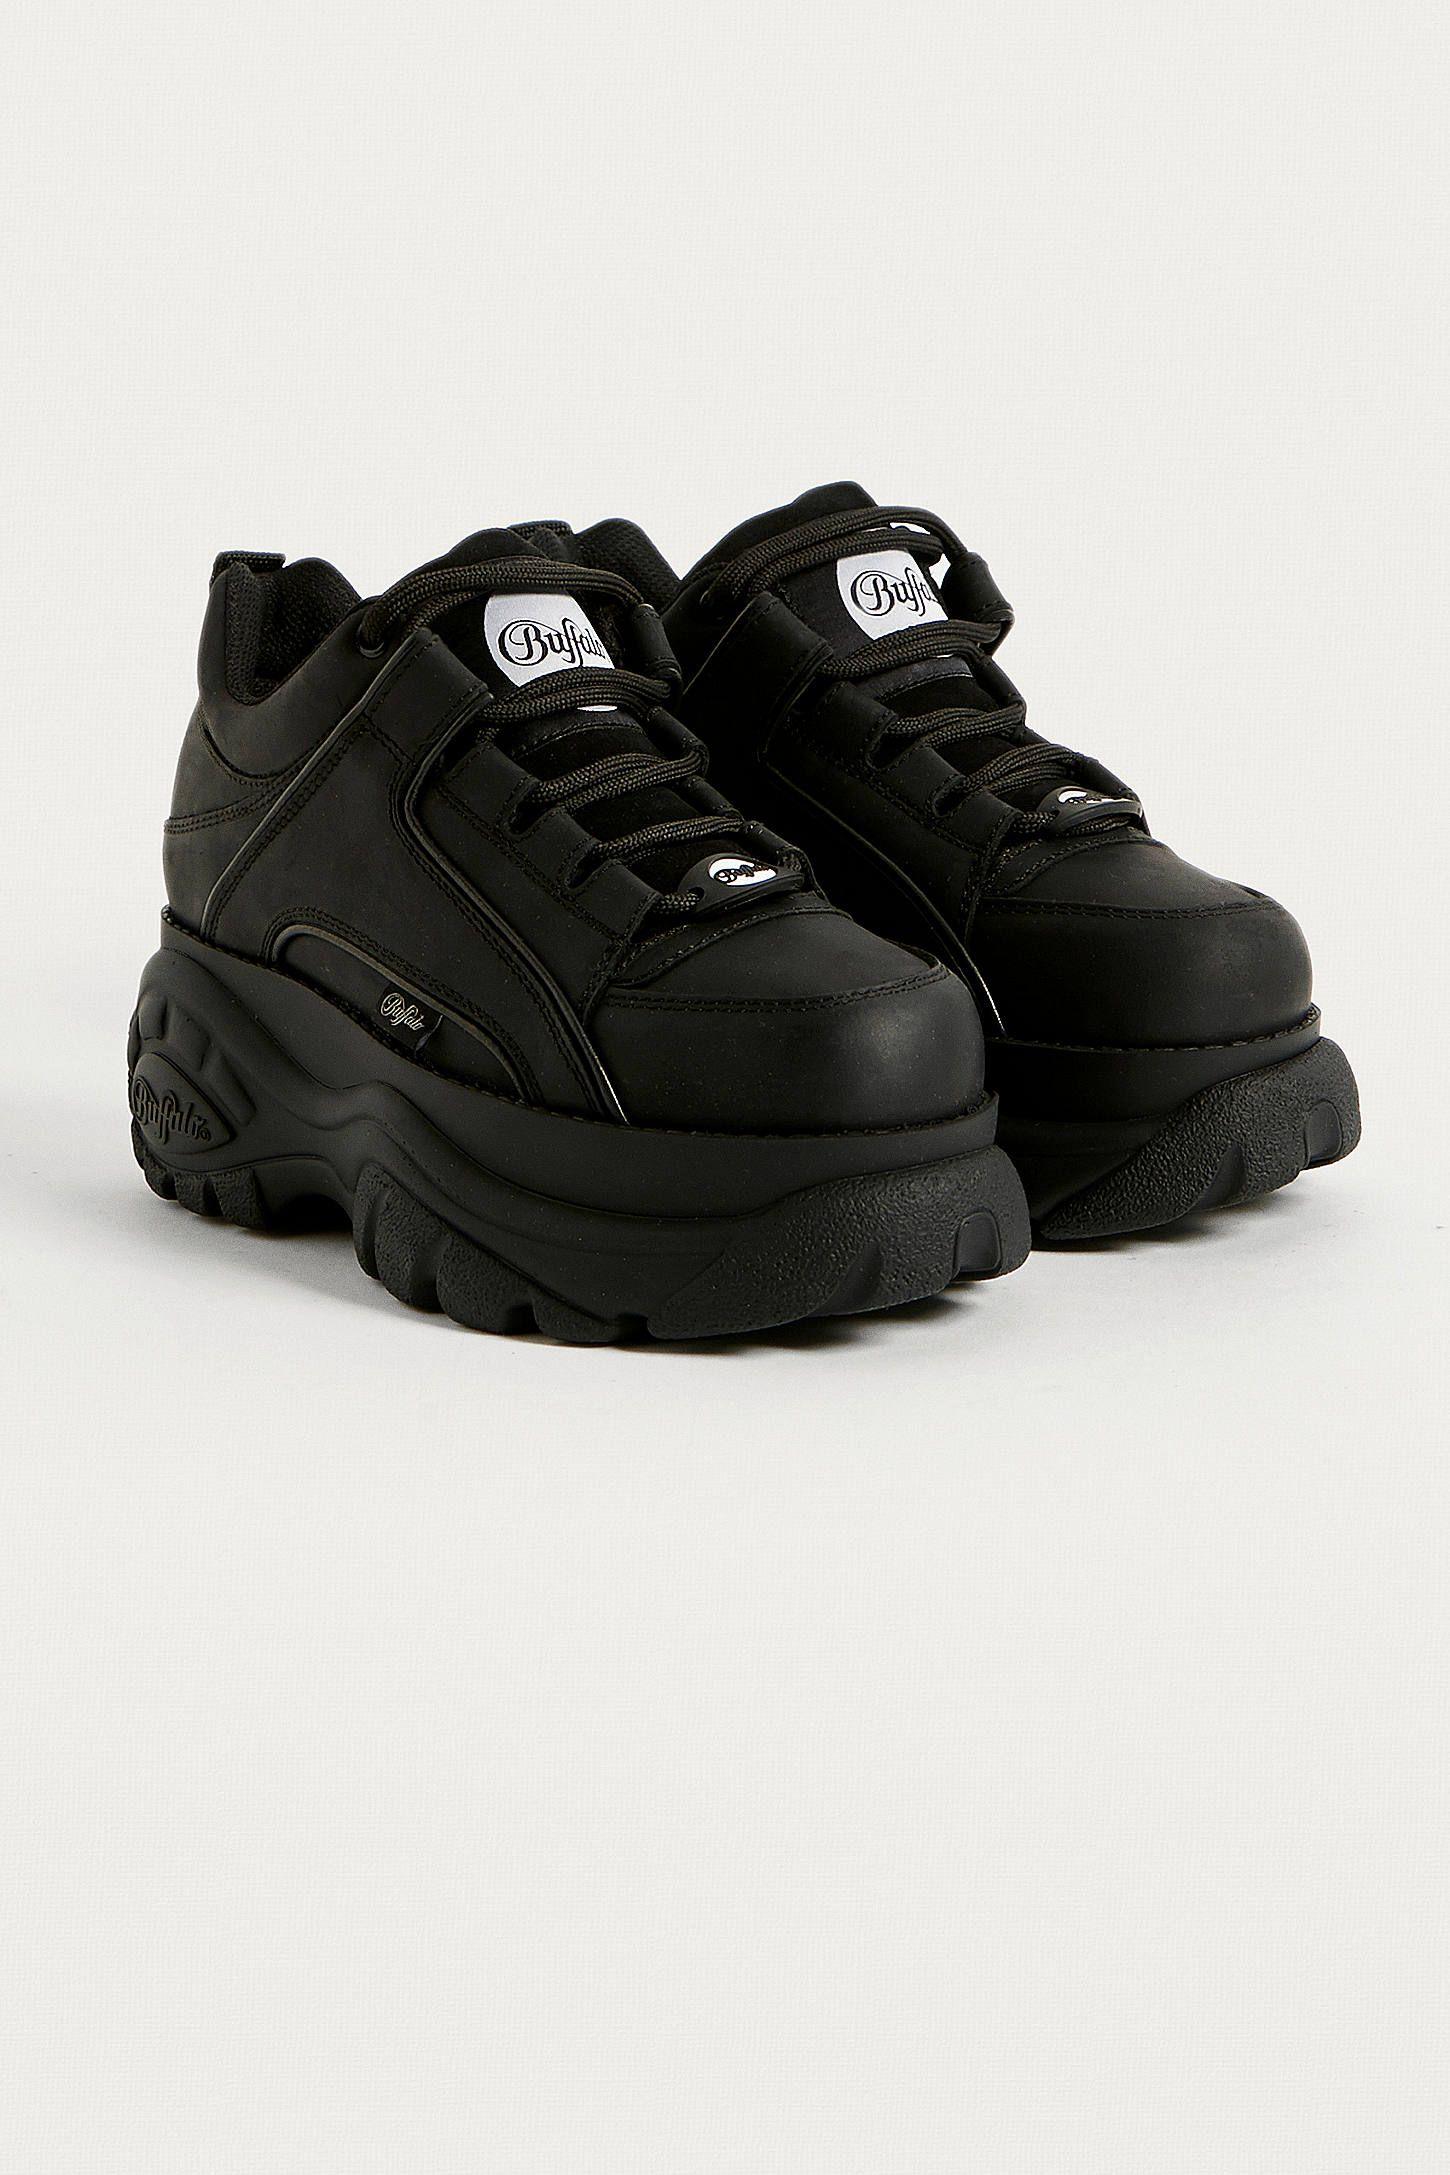 e5a49c0ccfe Buffalo Black Leather Chunky Platform Trainers